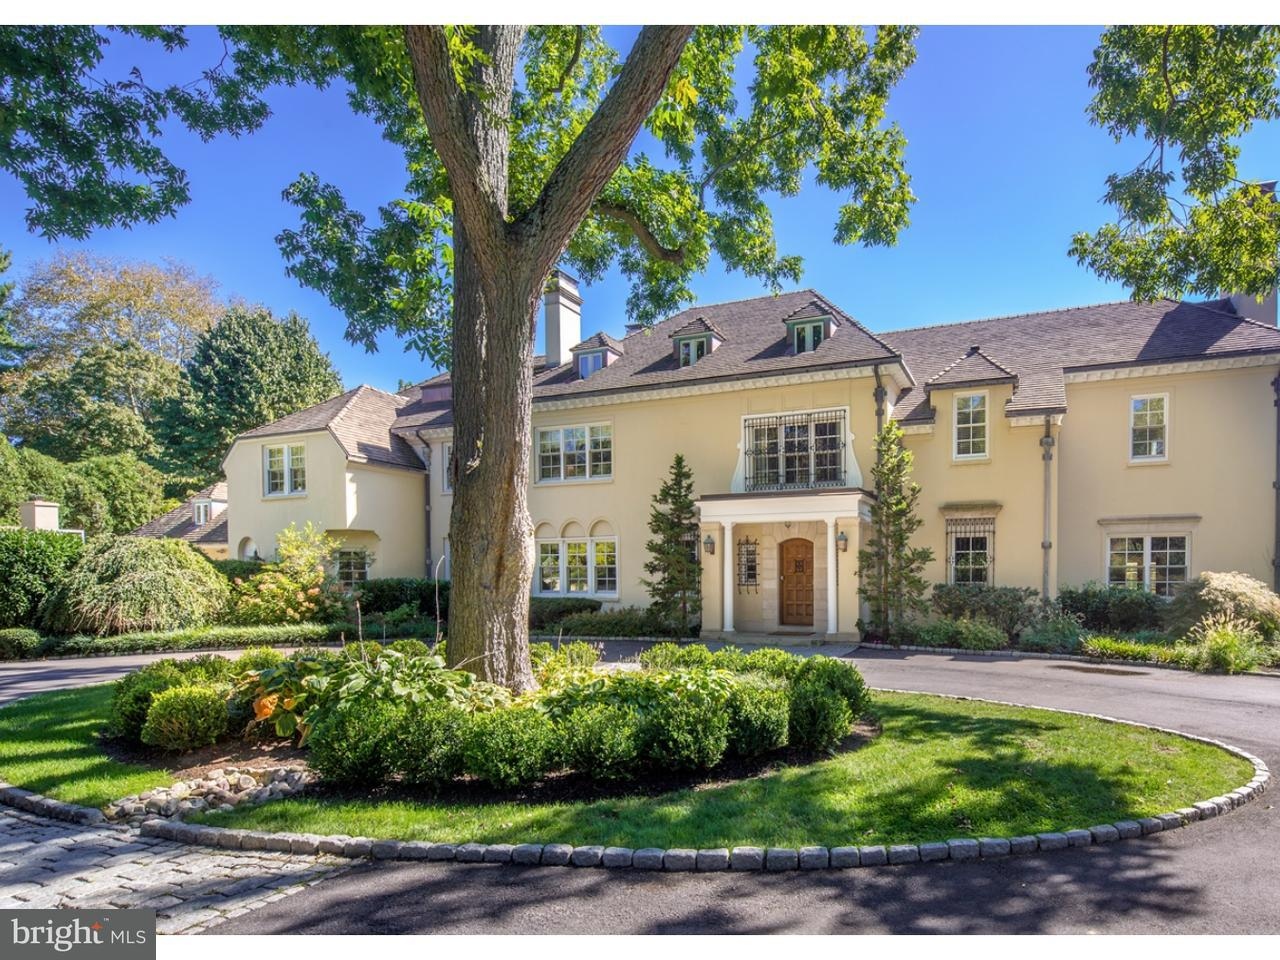 Maison unifamiliale pour l Vente à 1301 LAFAYETTE Road Gladwyne, Pennsylvanie 19035 États-Unis